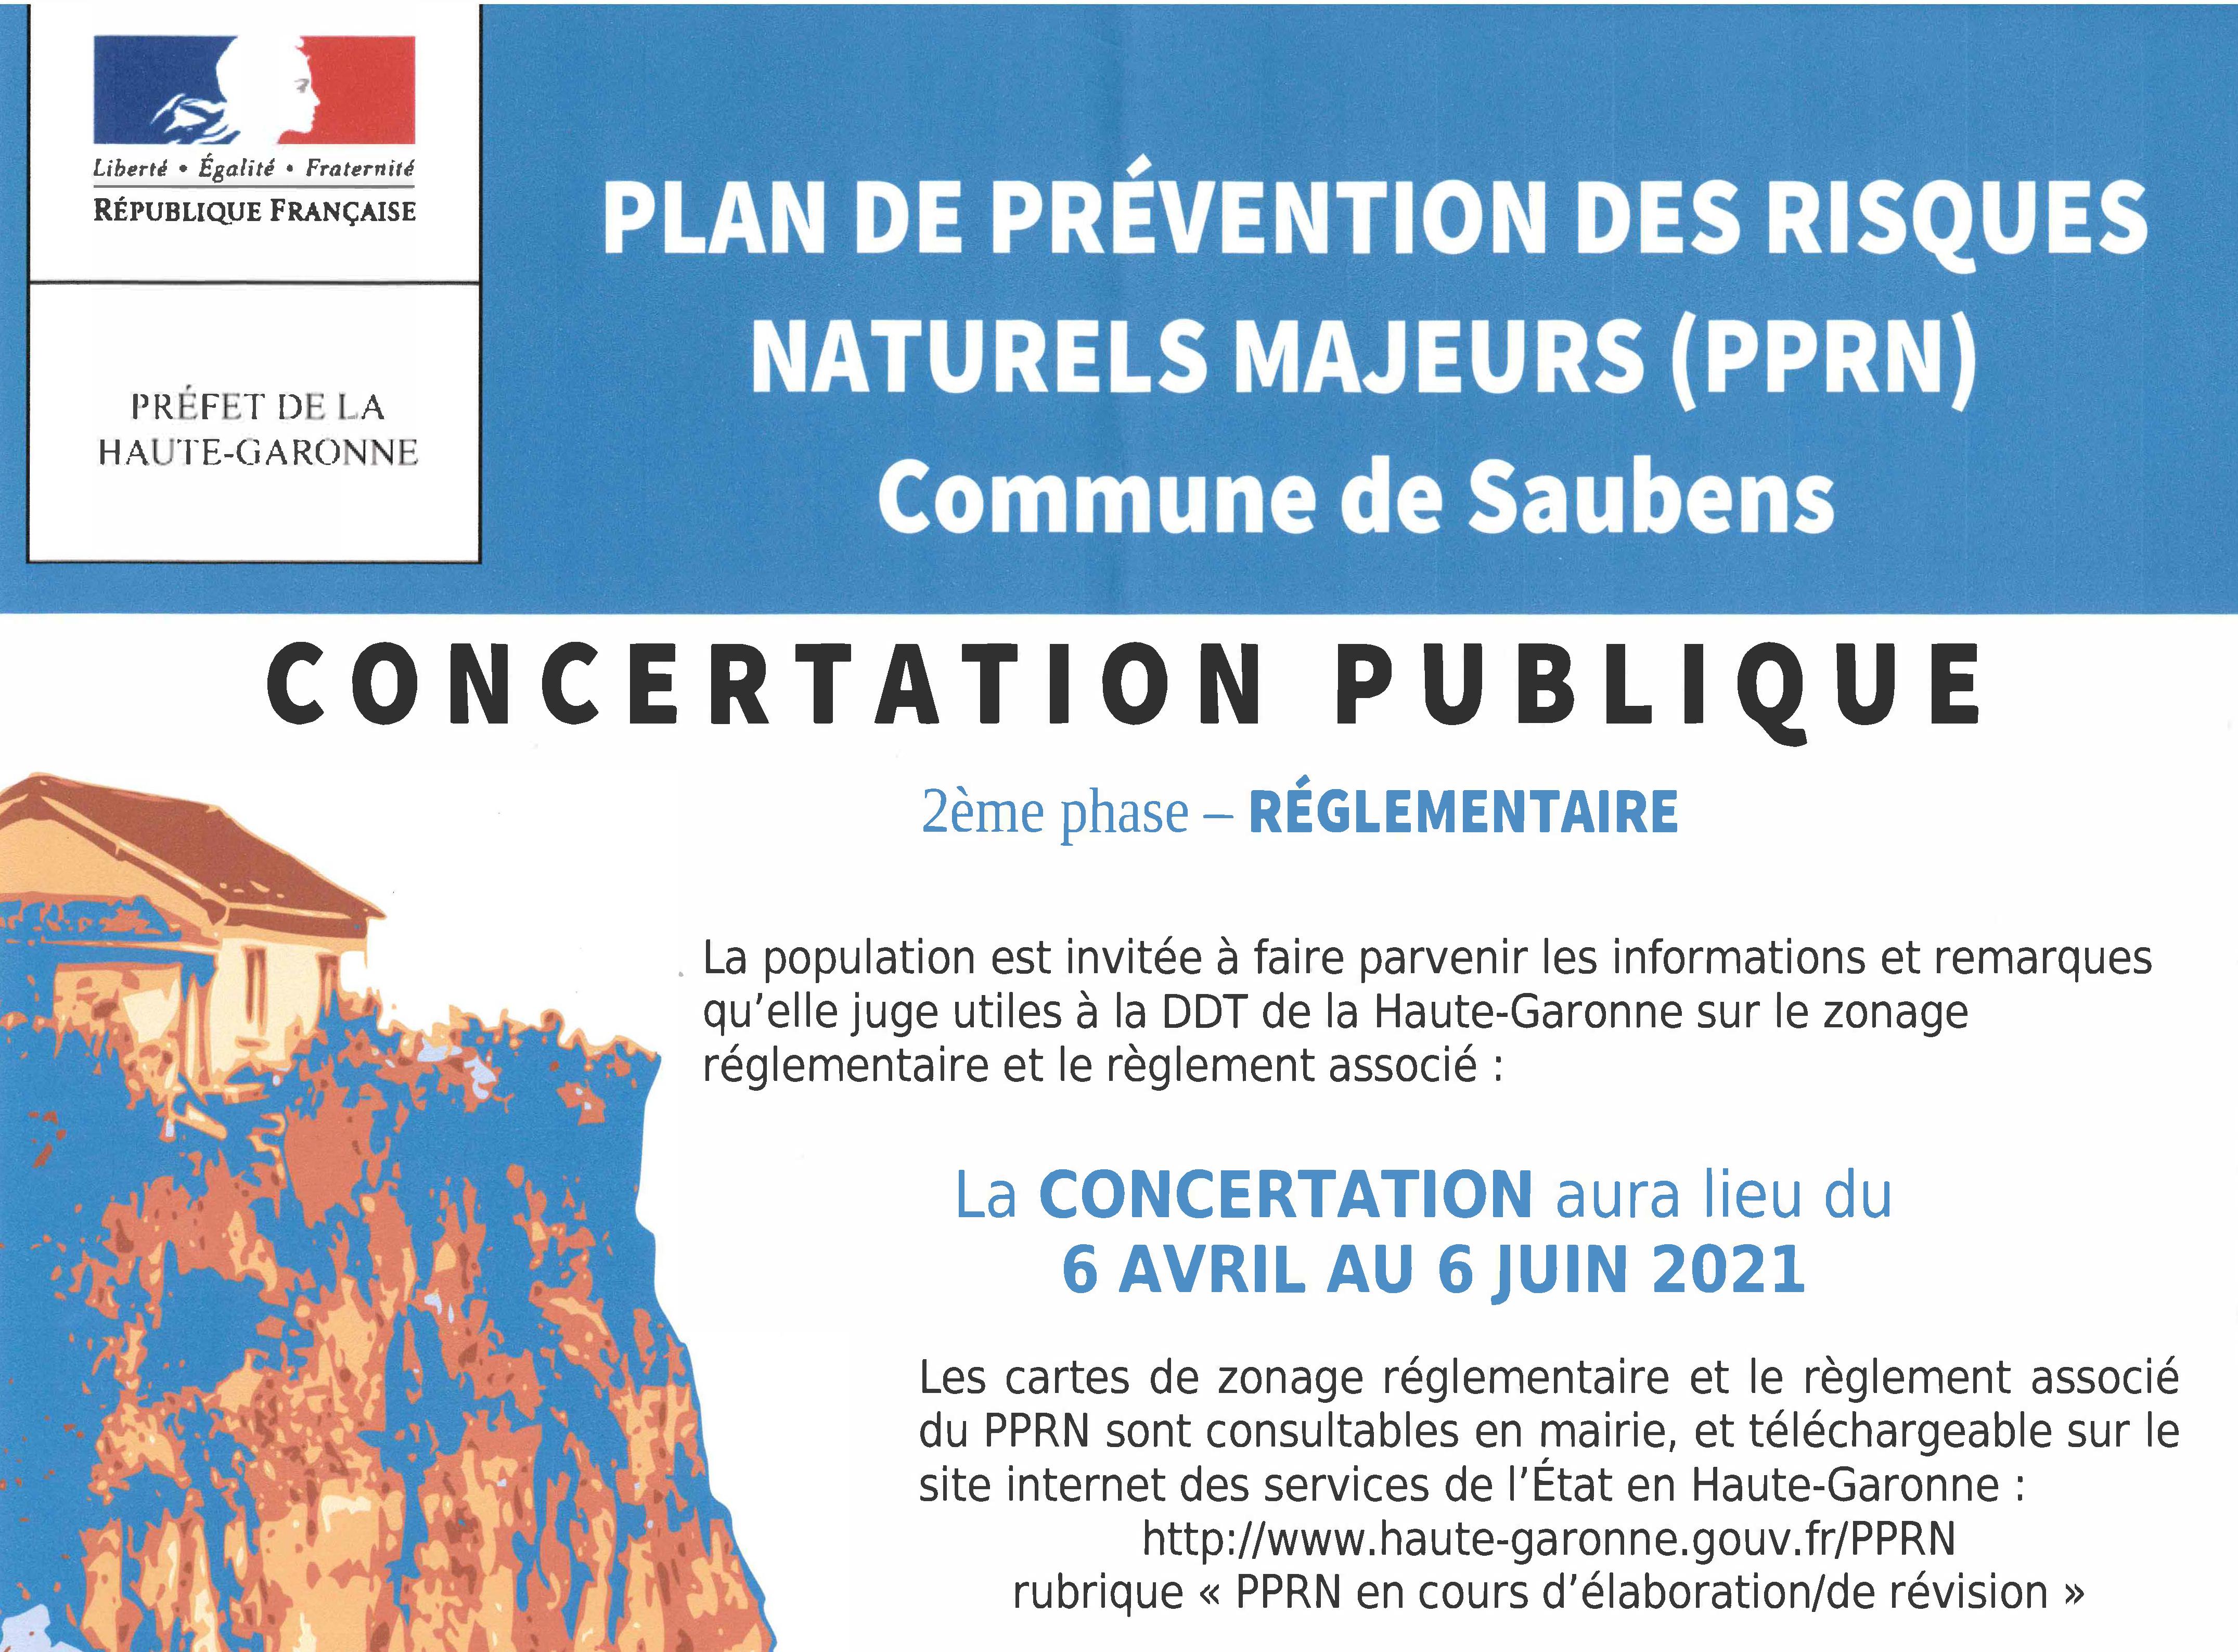 Plan de Prévention des Risques Naturels Majeurs (PPRN) : Concertation publique